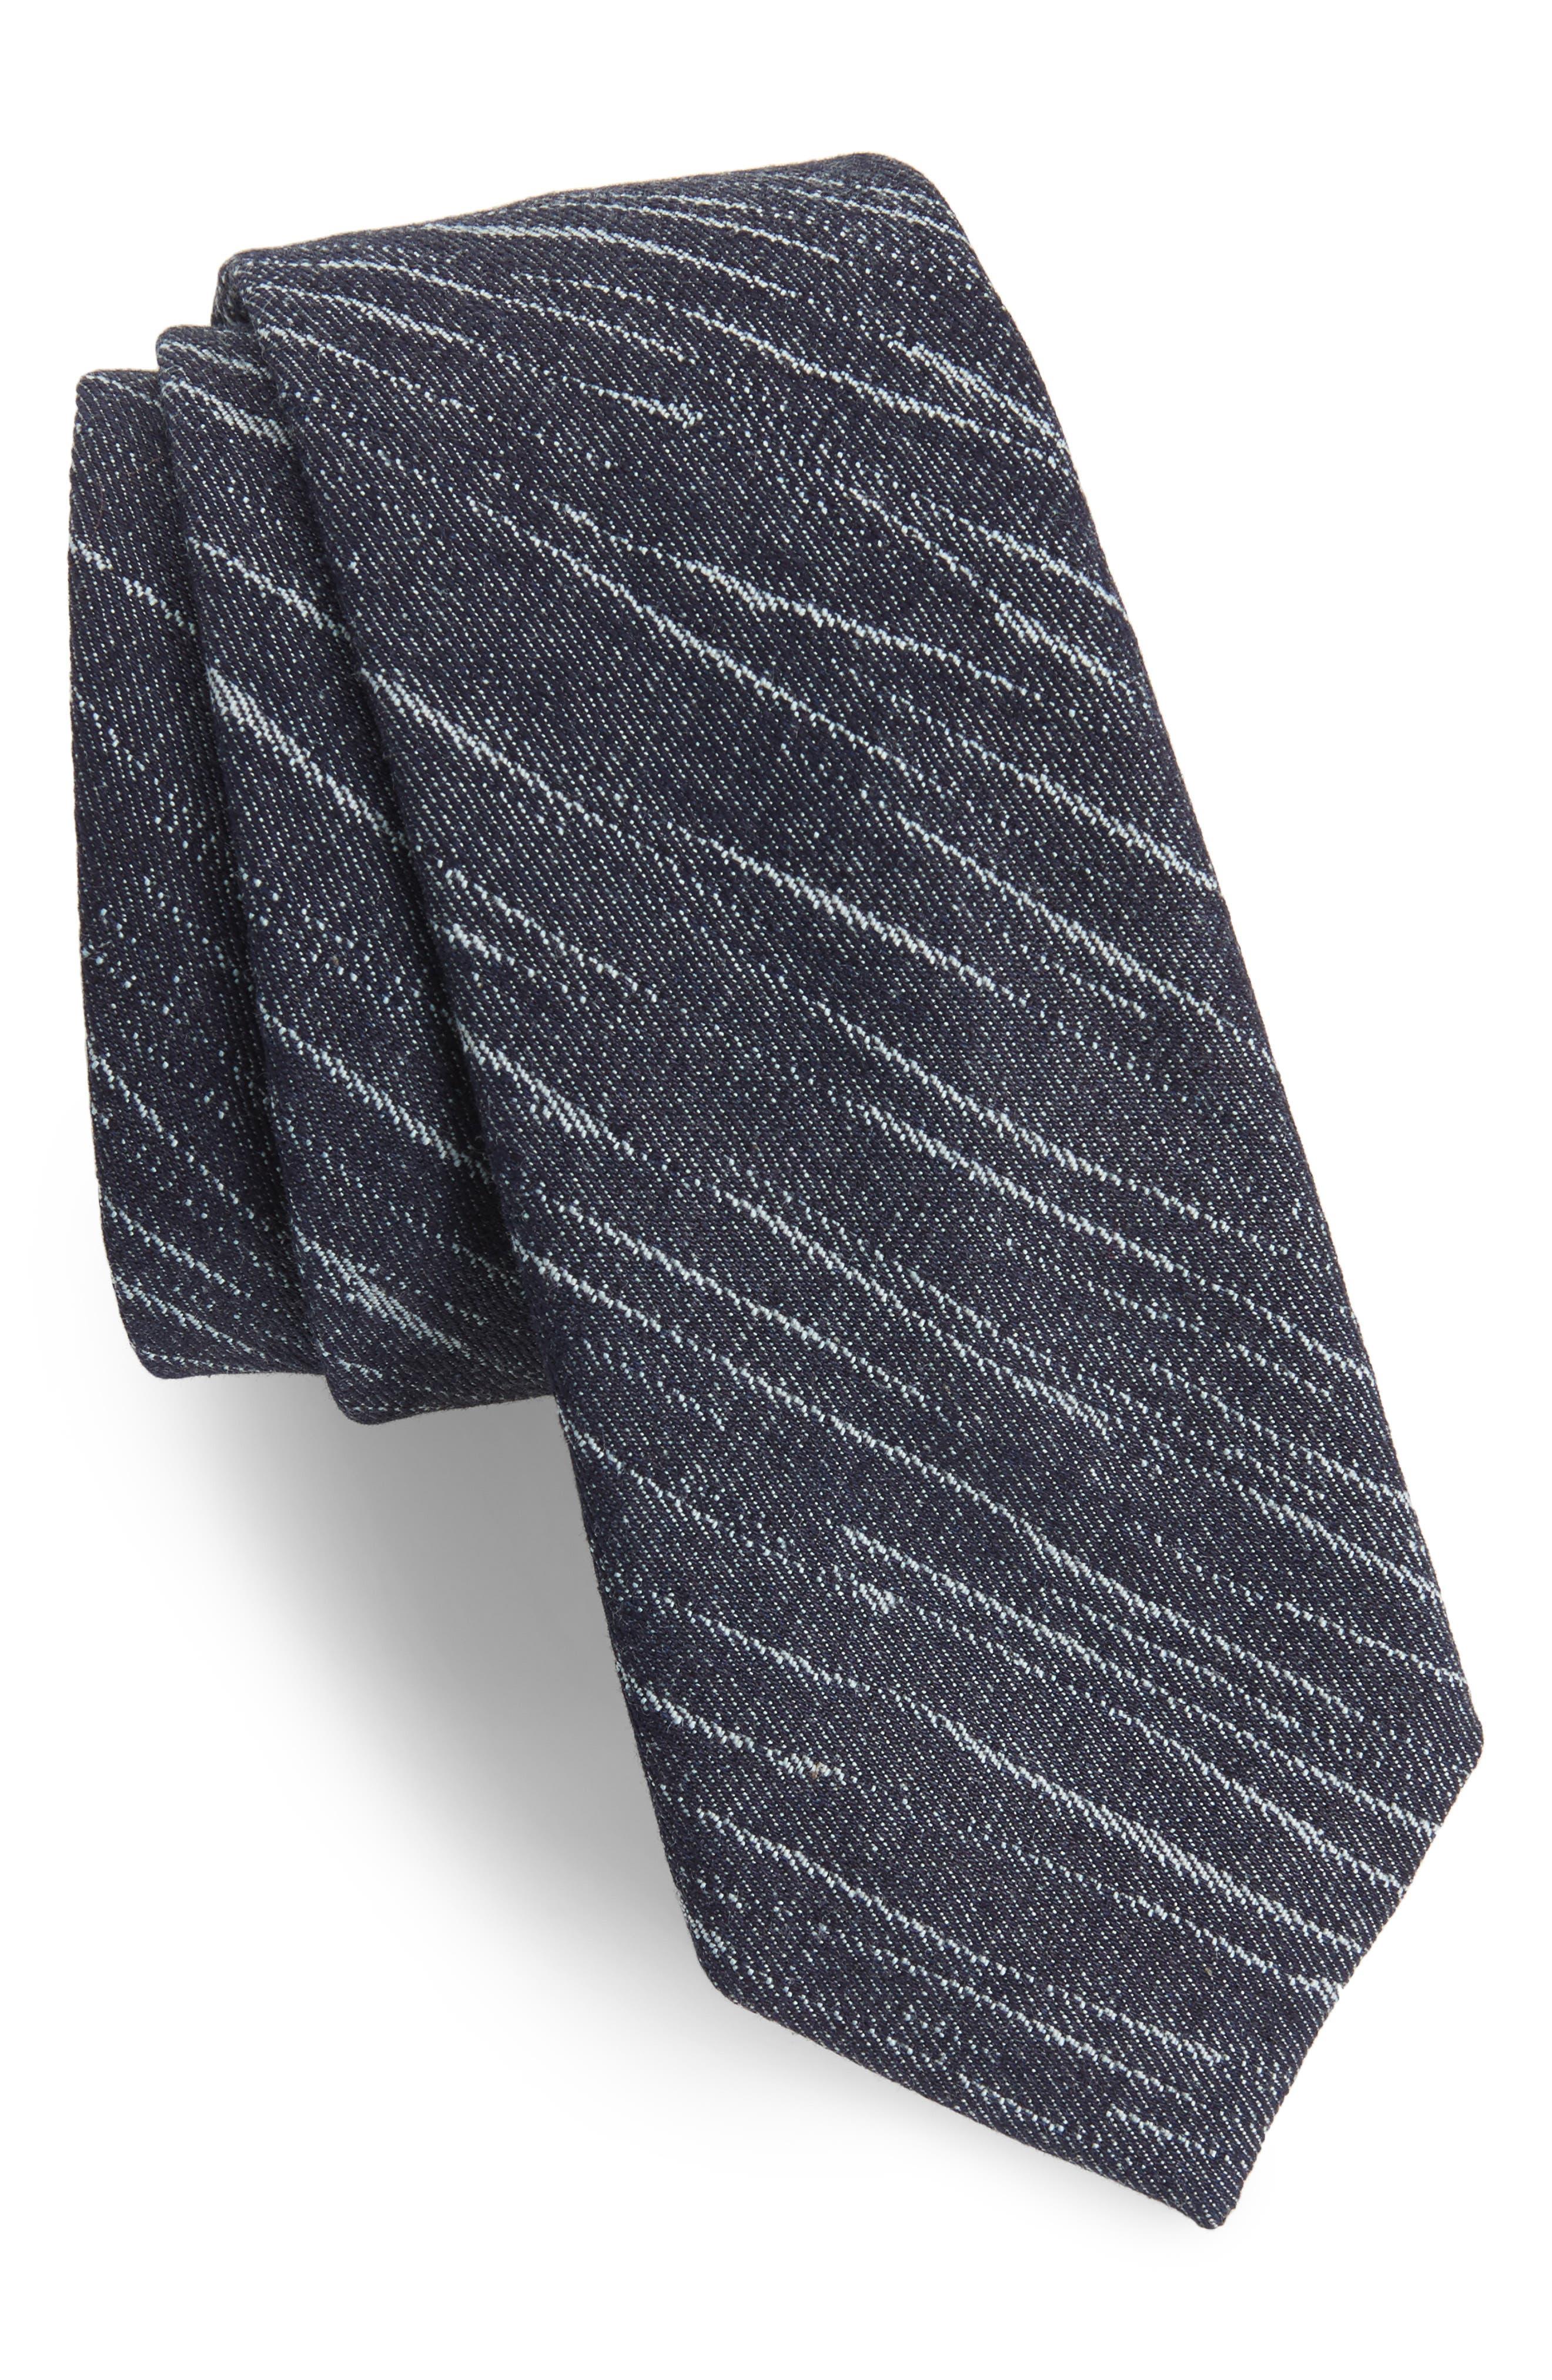 Patchwork Denim Skinny Tie,                             Main thumbnail 1, color,                             Denim